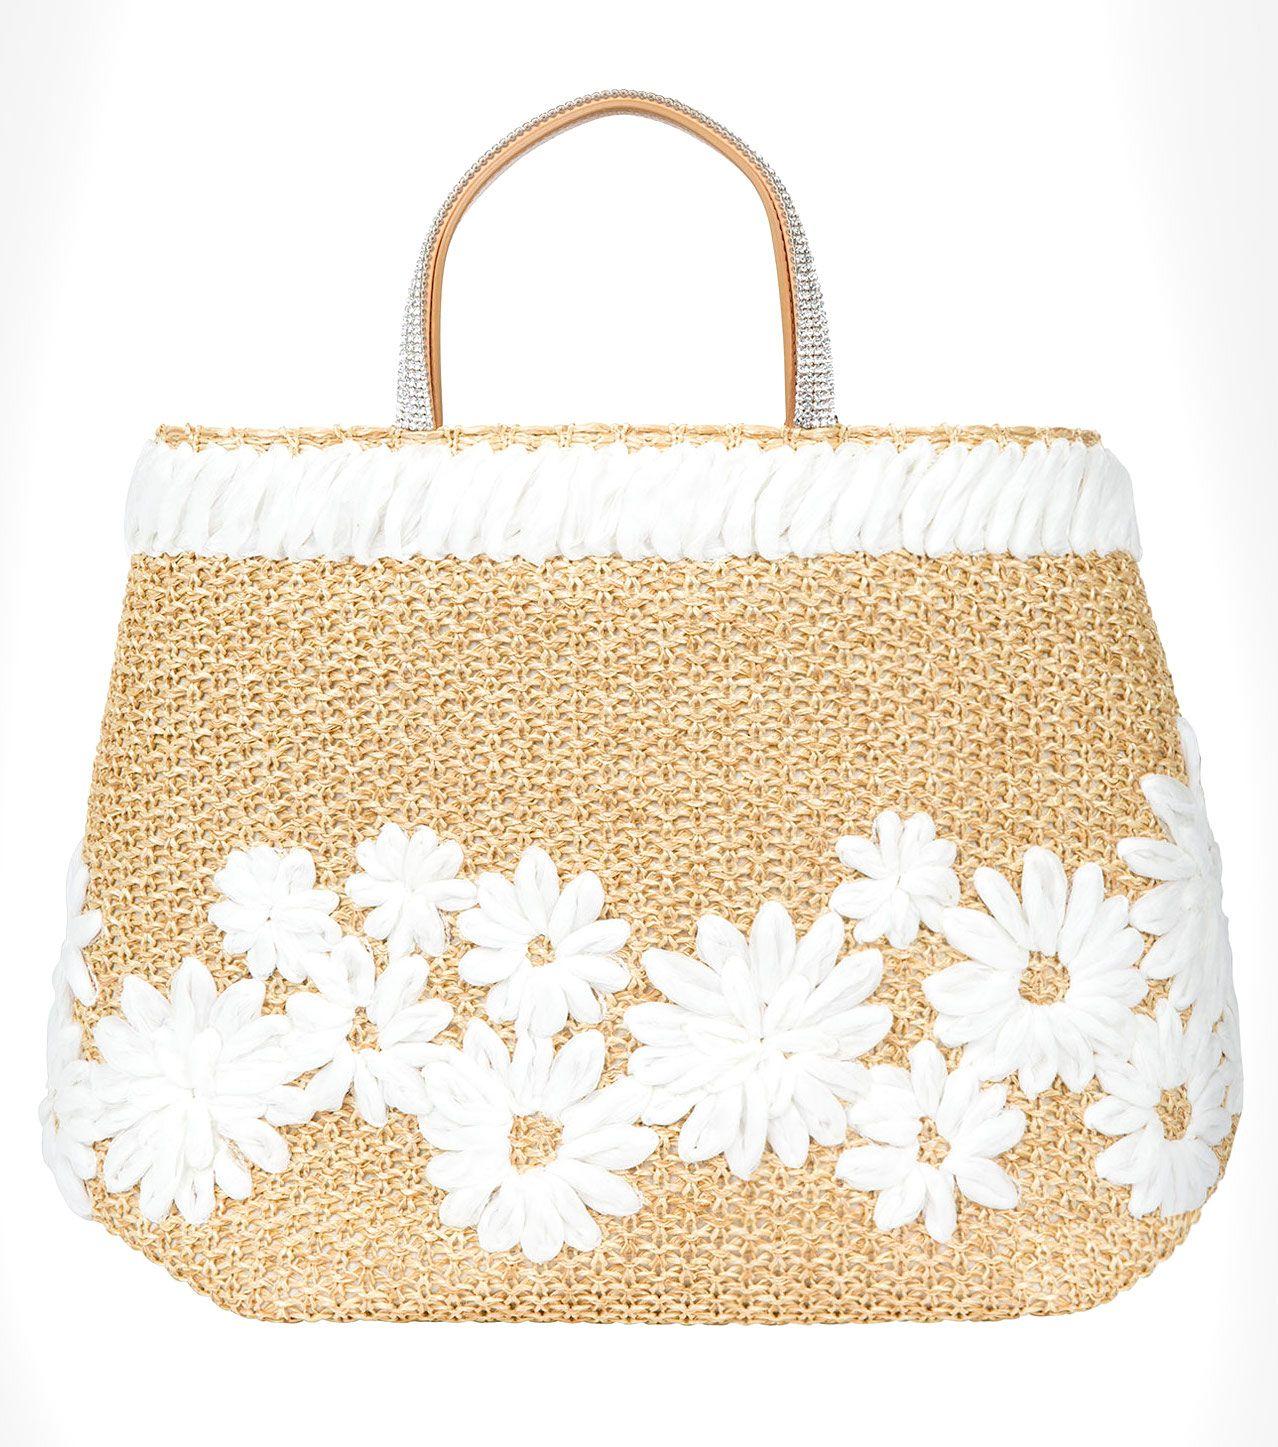 Ermanno Scervino Spring 2016 raffia basket bag with embellished handle.